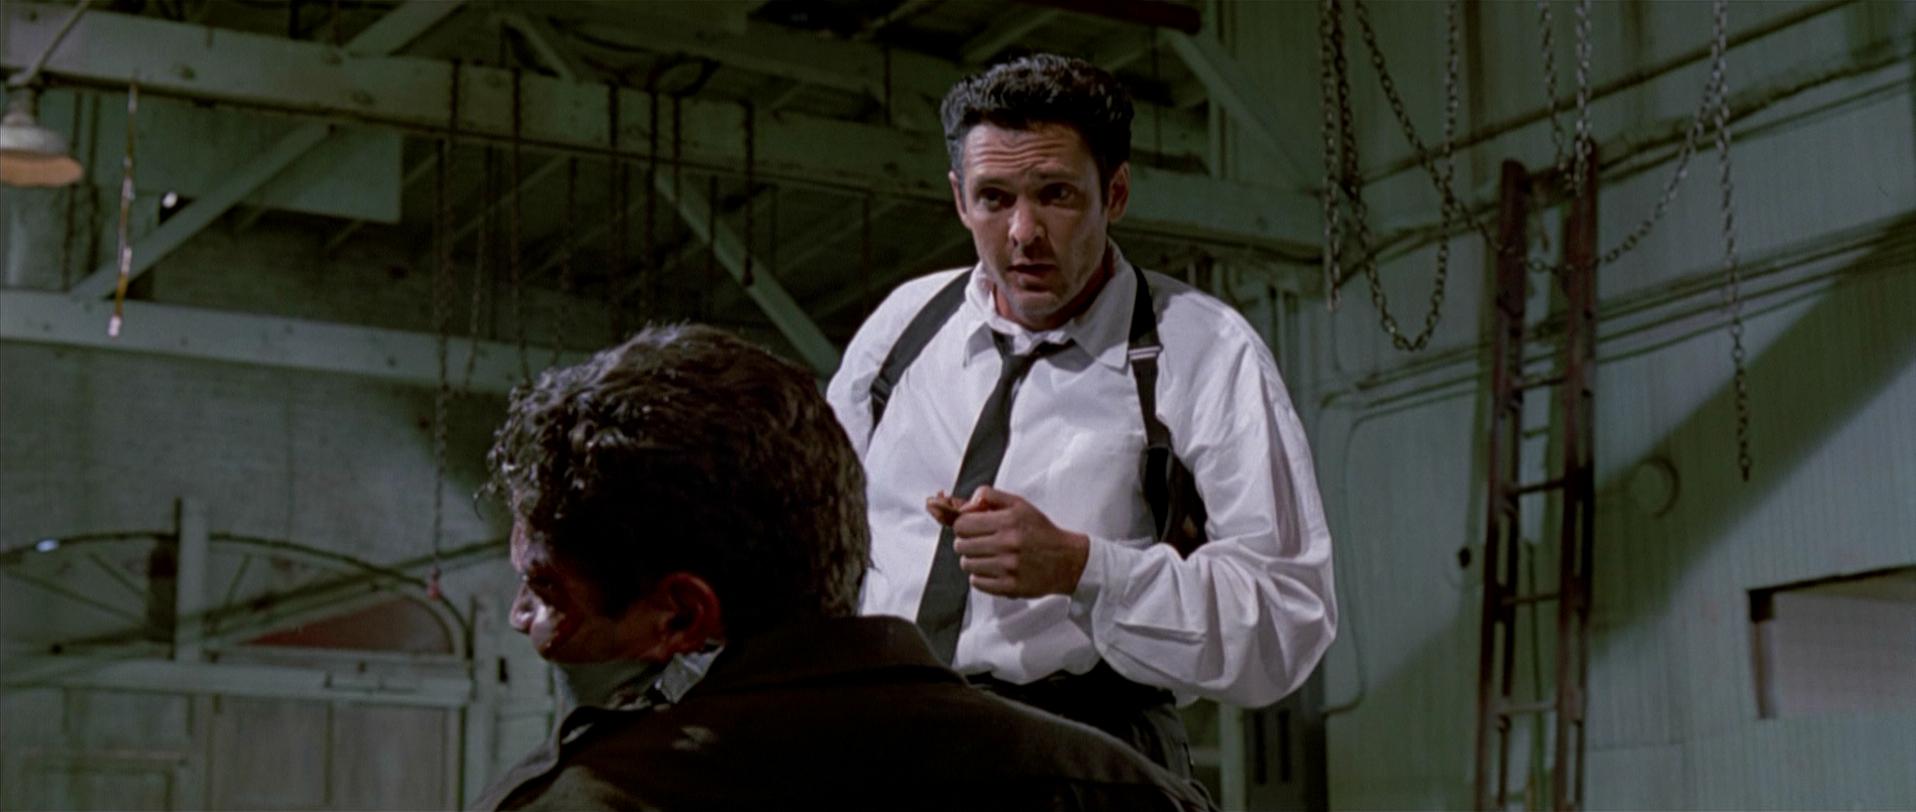 Le 10 migliori scene improvvisante del cinema